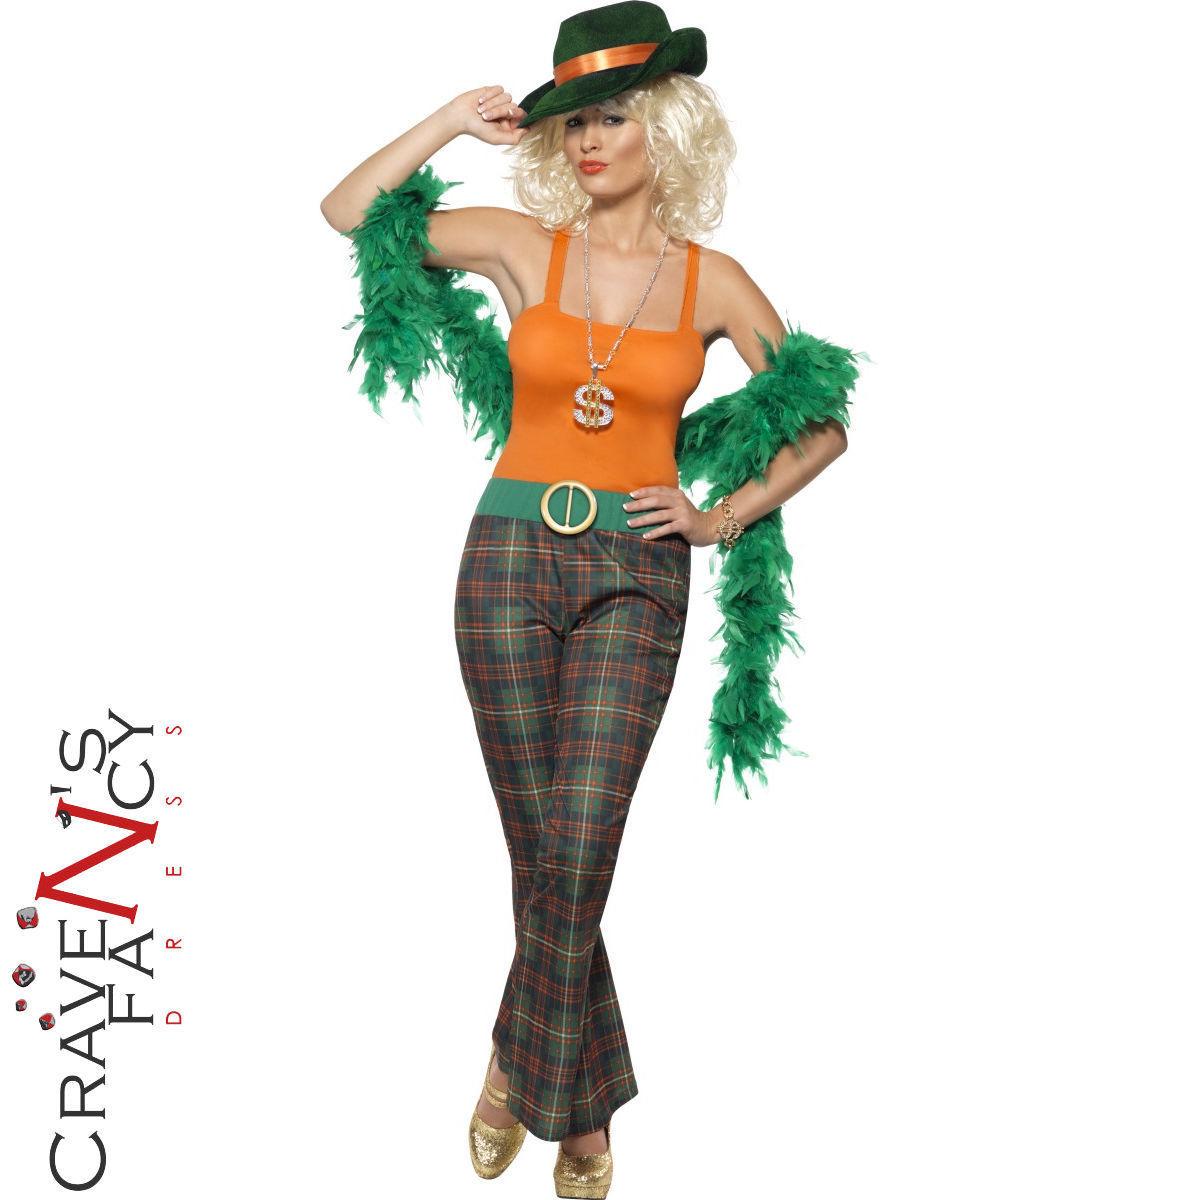 Pimpette Costume.